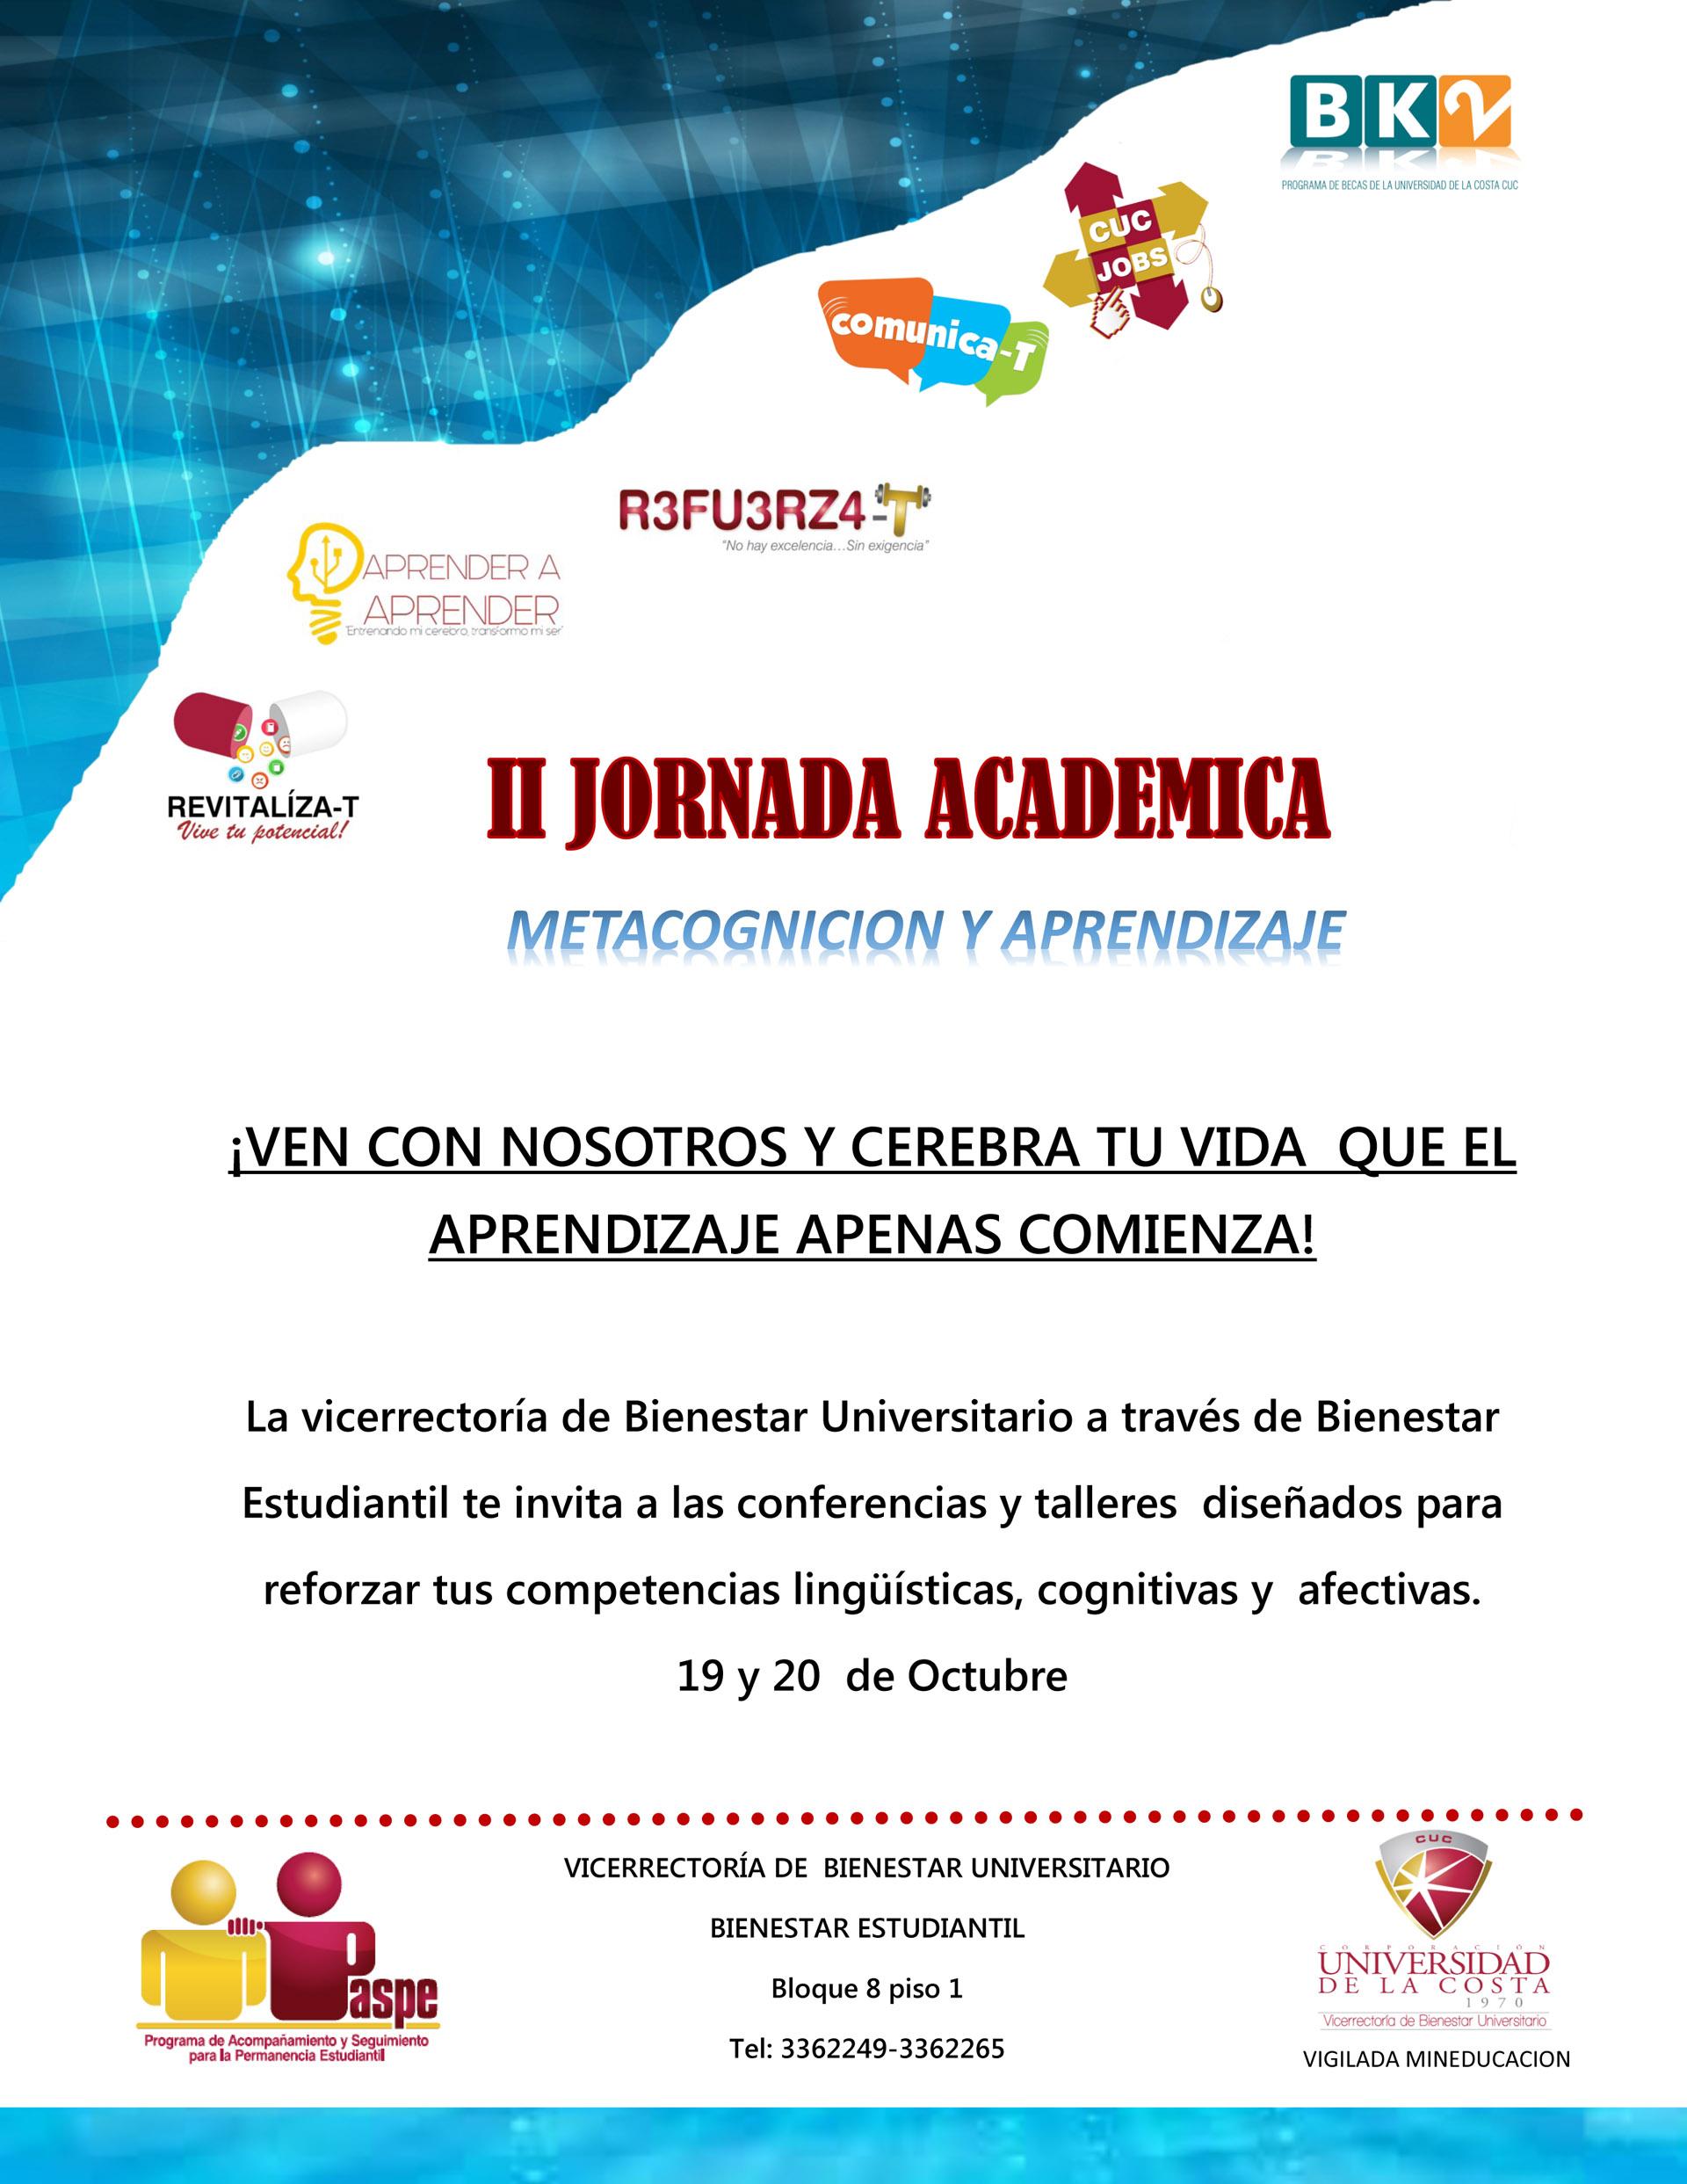 Jornada Academica 2016 2